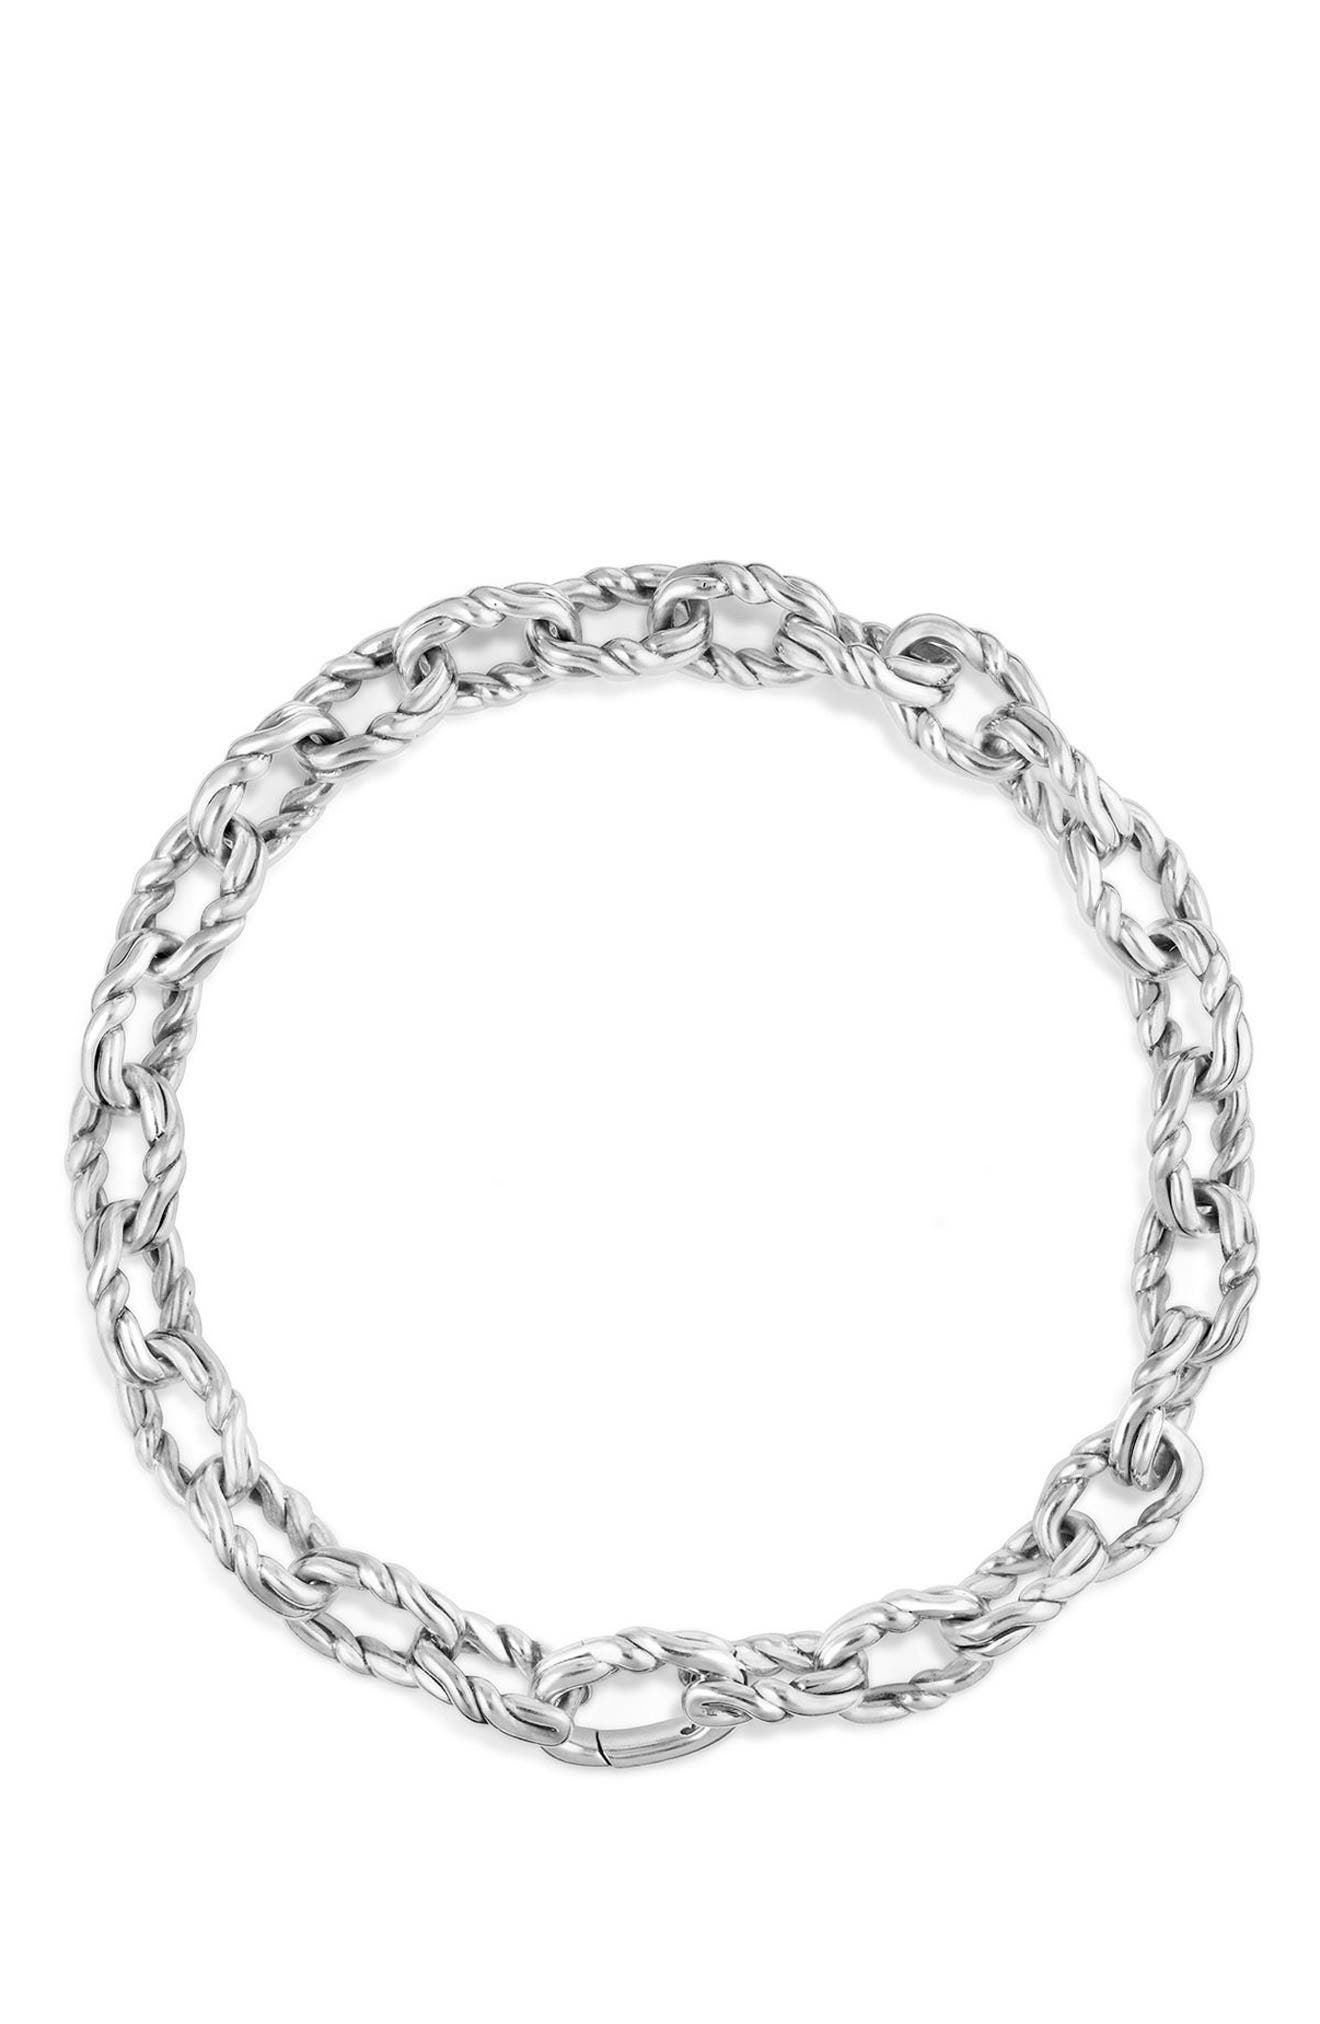 Continuance Chain Bracelet,                             Alternate thumbnail 3, color,                             SILVER